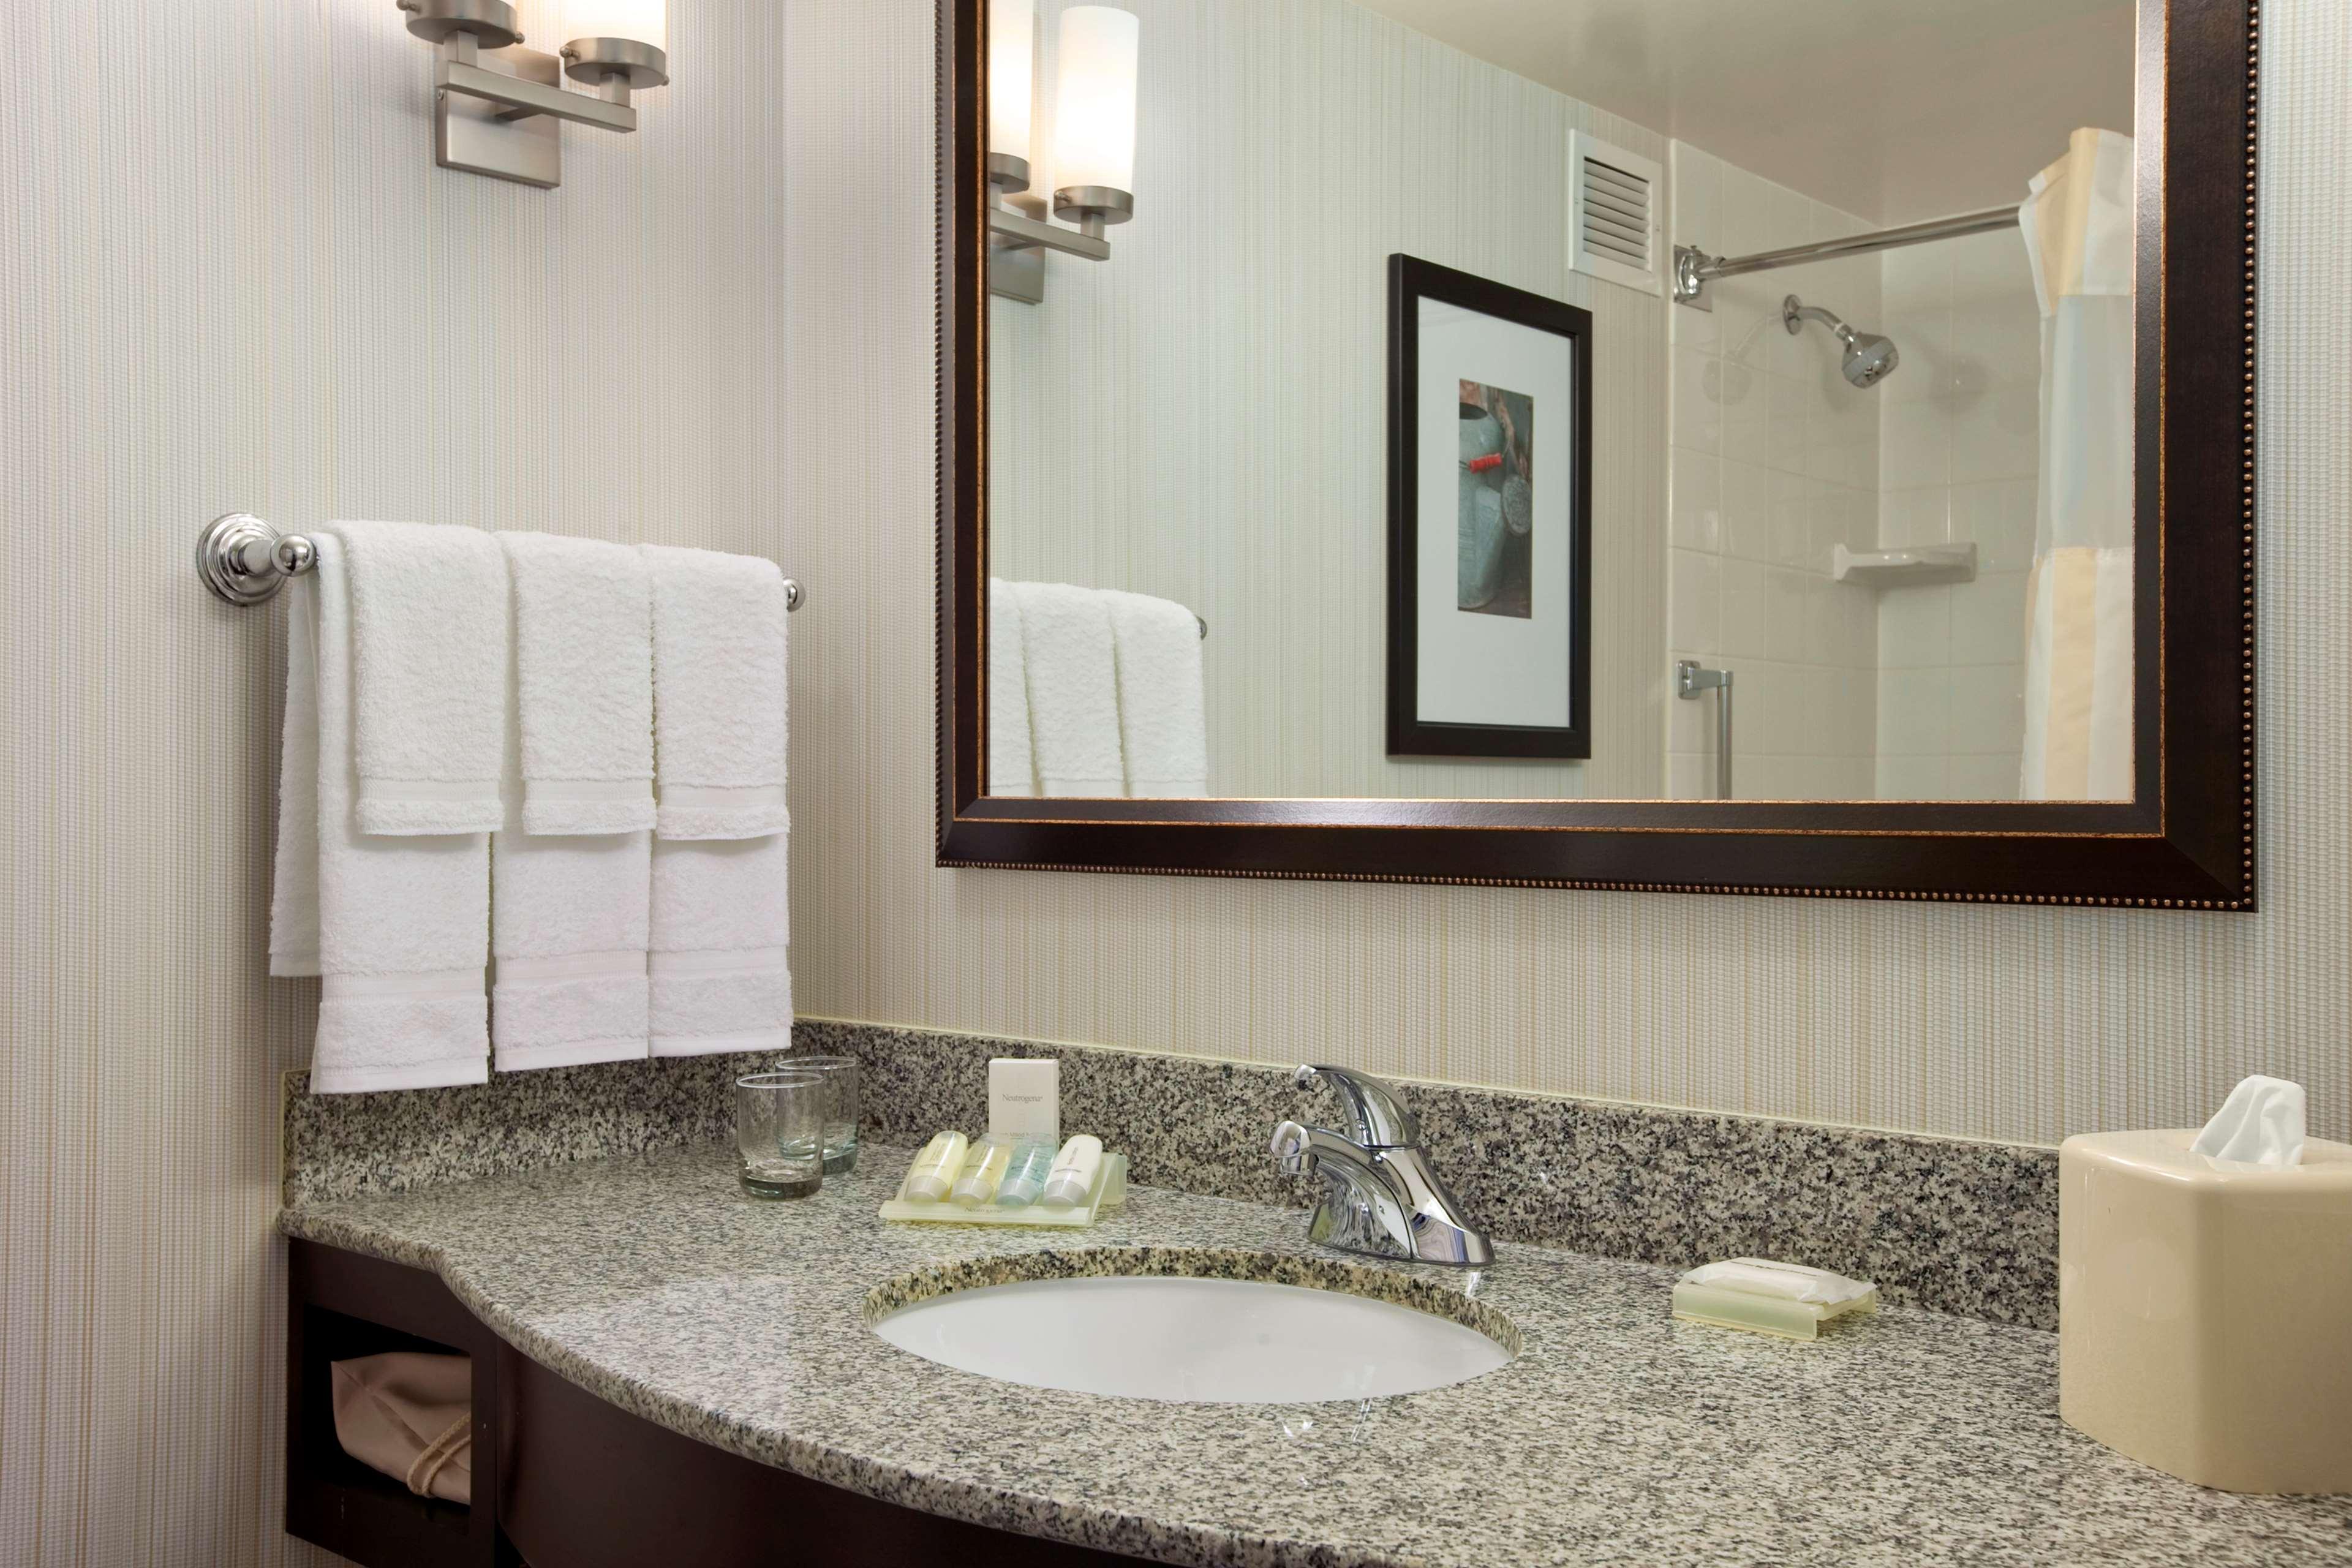 Hilton Garden Inn Hoffman Estates image 20